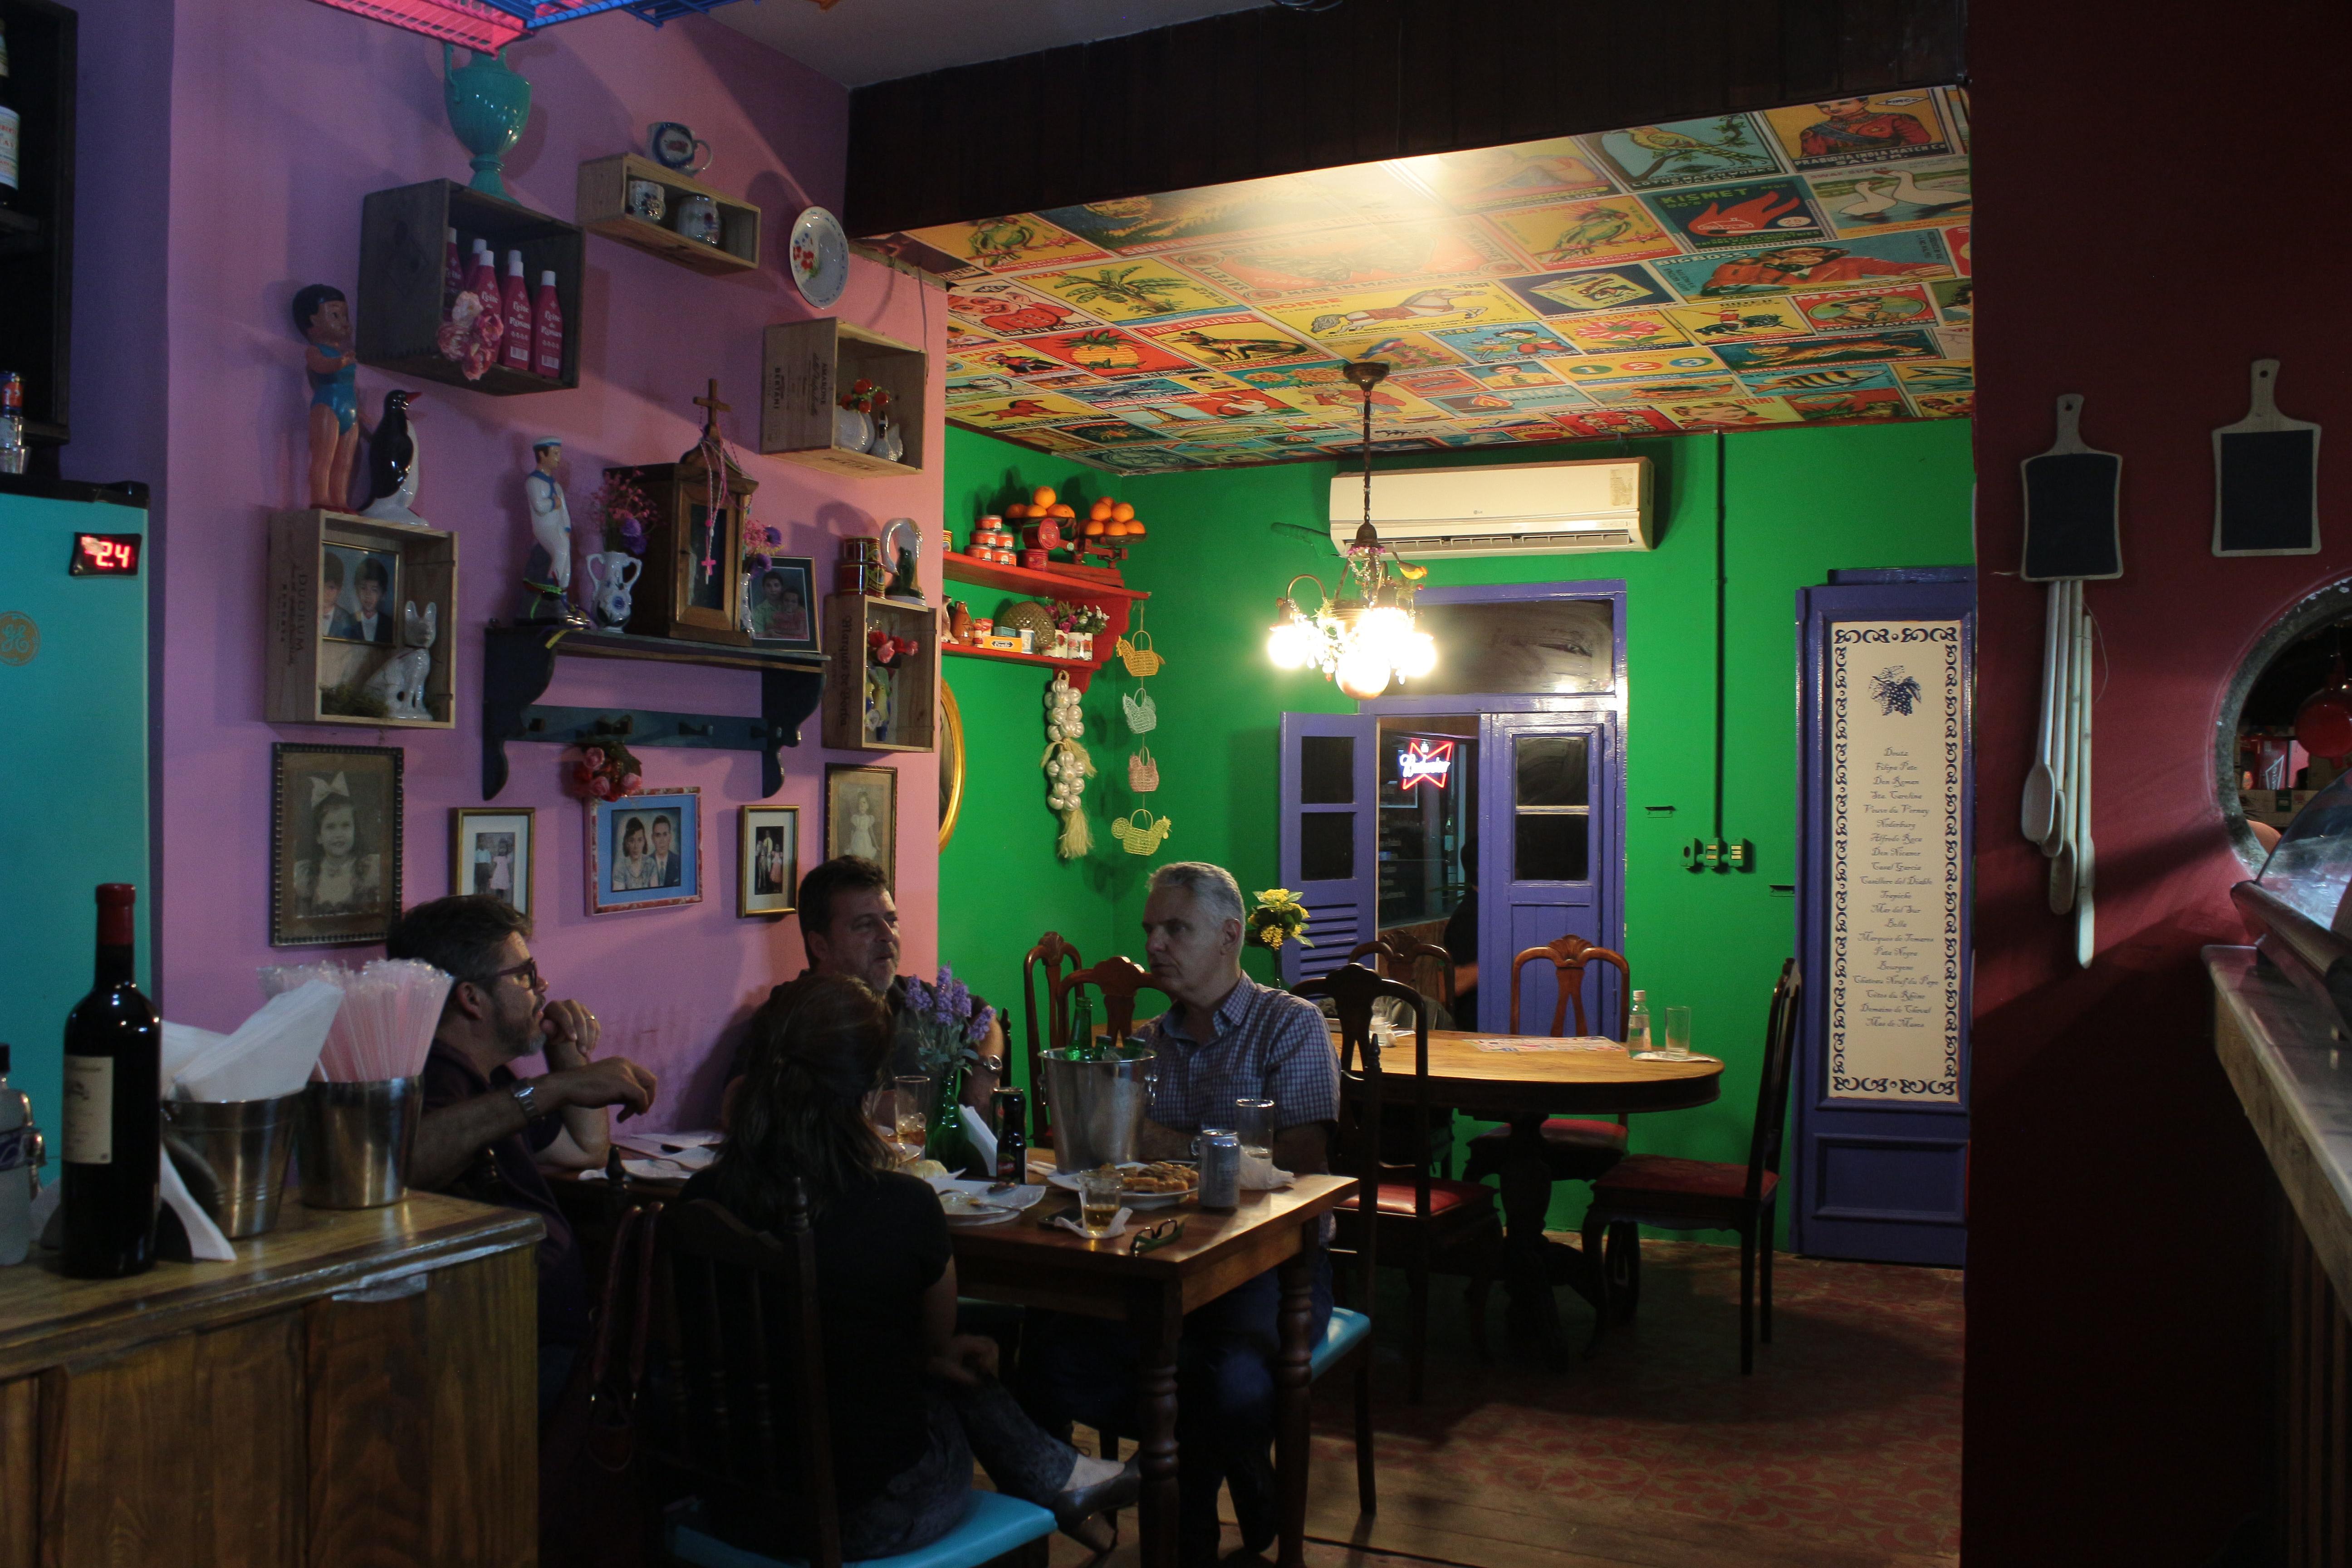 Venda de Seu Antônio é um dos lugares mais frequentados pela turma jovem da cidade - Crédito: Brenda Alcantara/ Esp. DP/